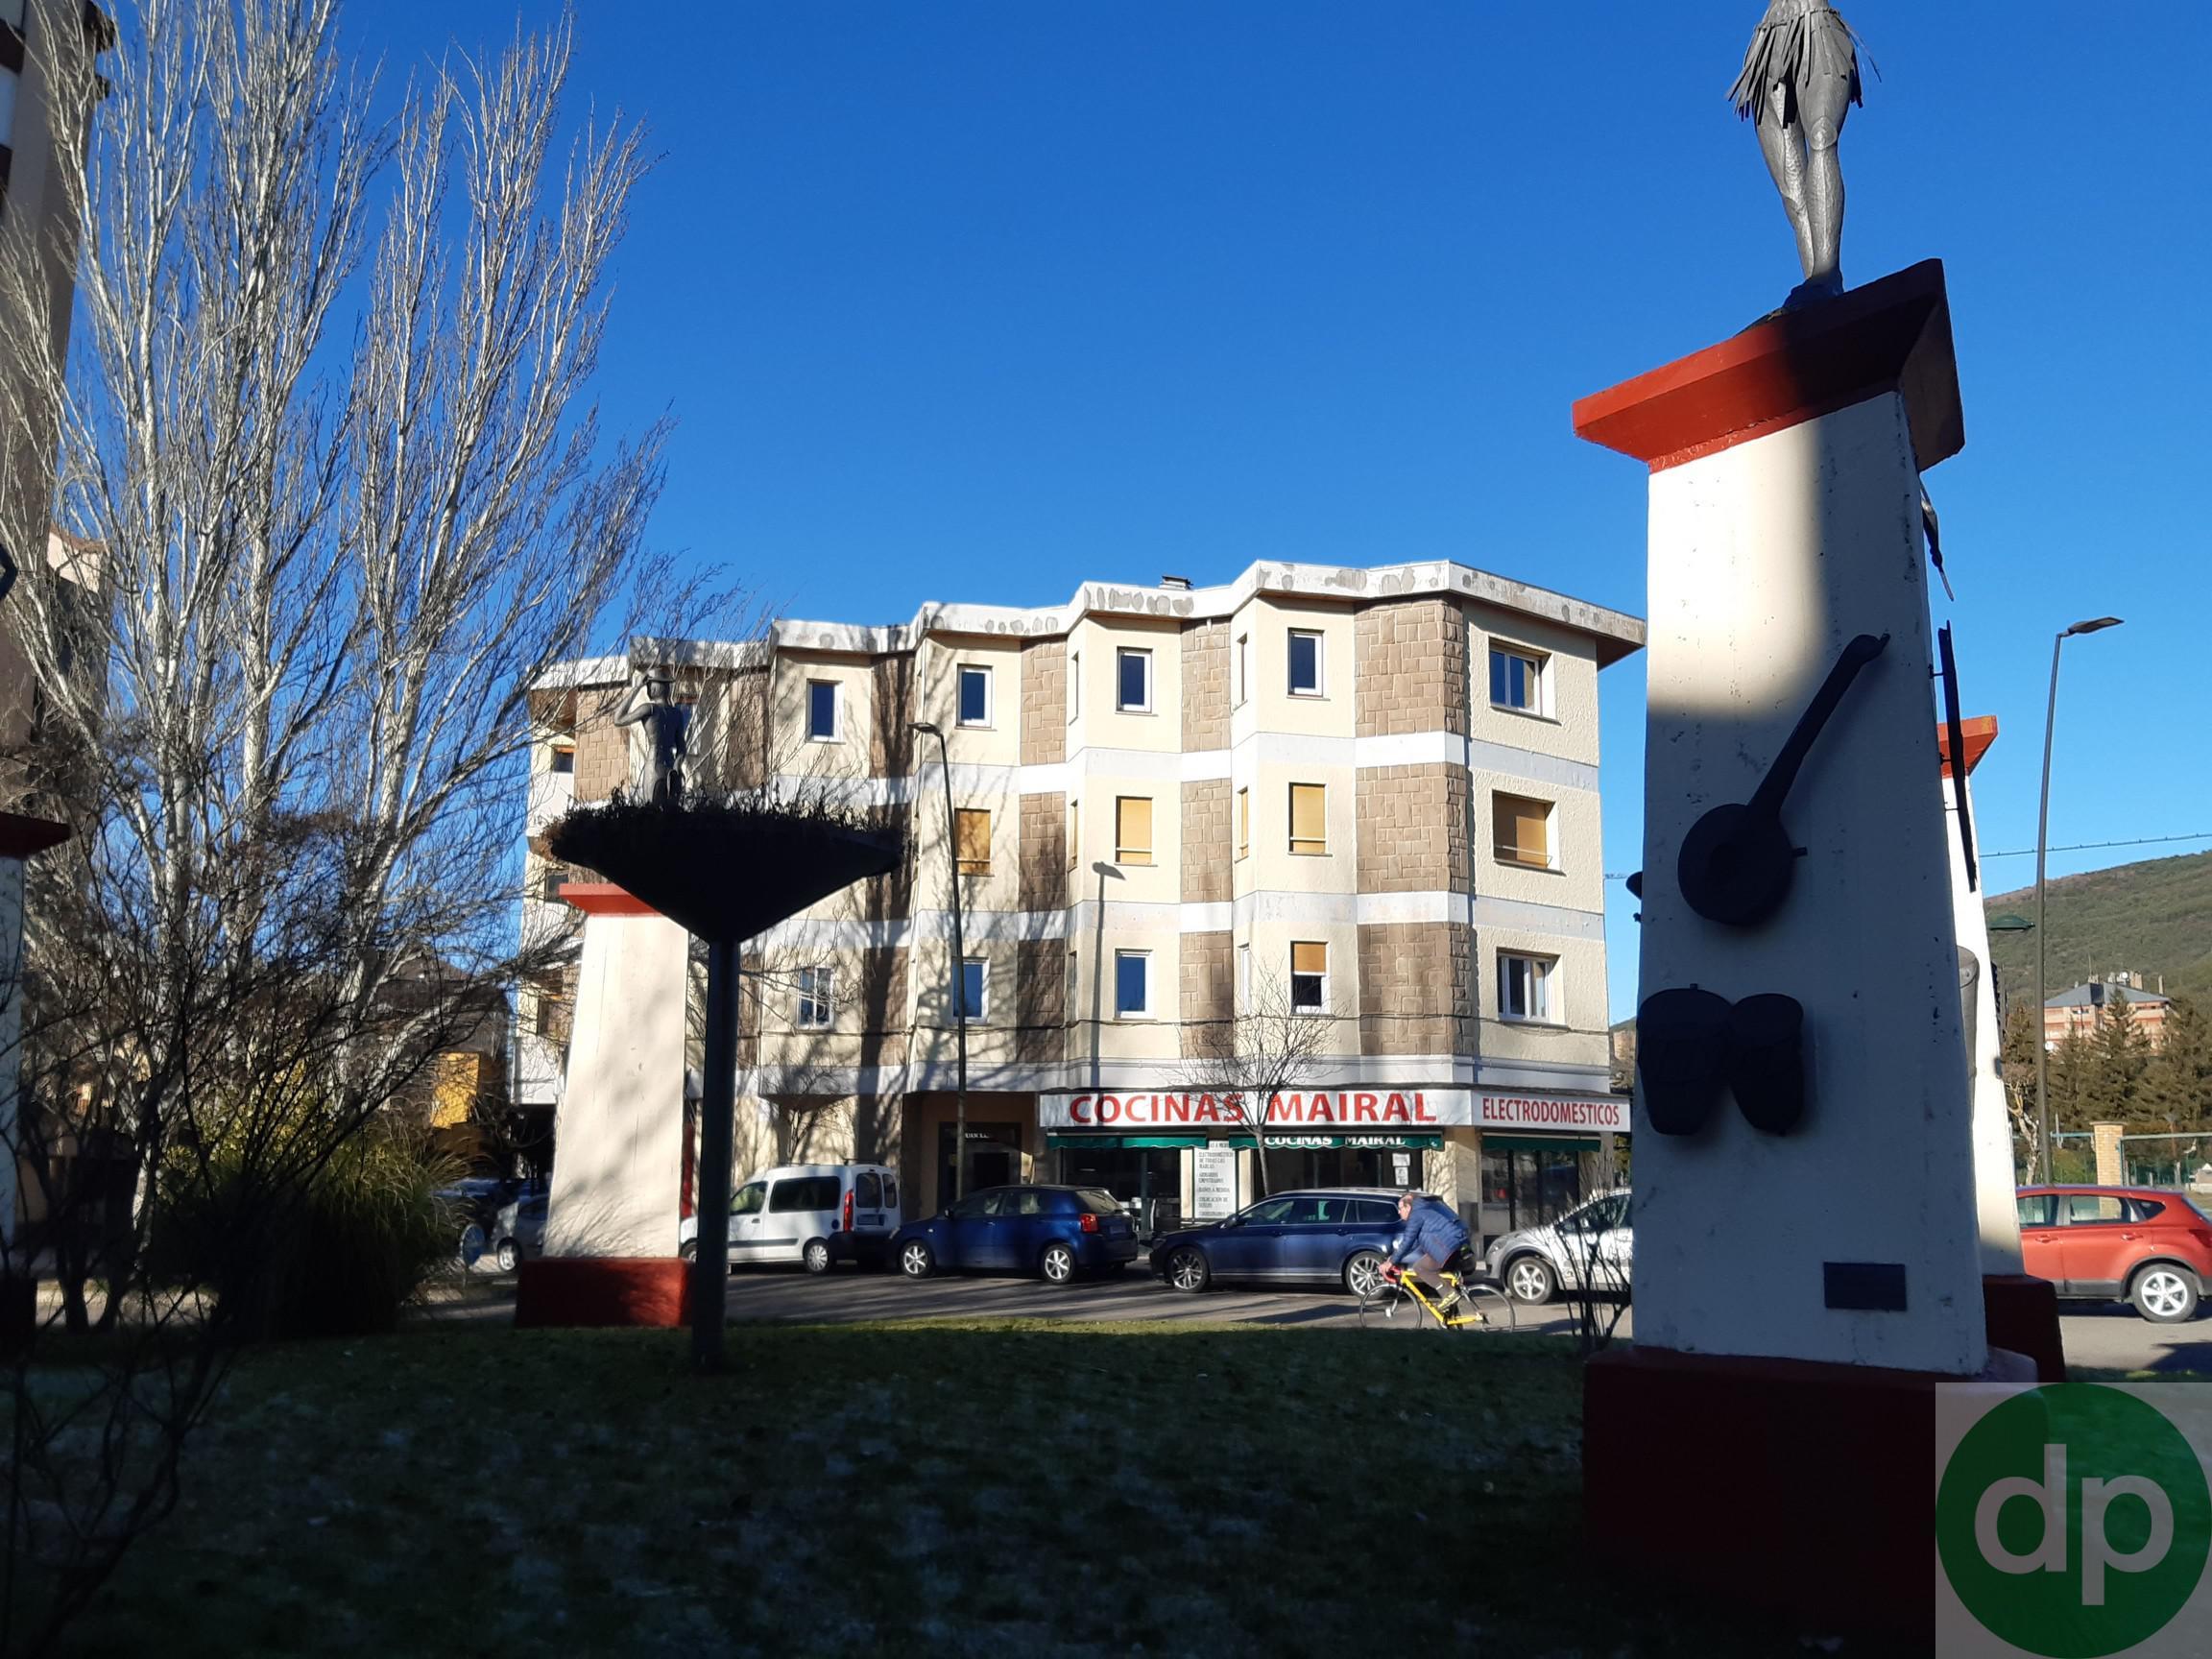 Imagen 1 Parking Coche en venta en Jaca / Junto a la Escuela Militar cde Montaña